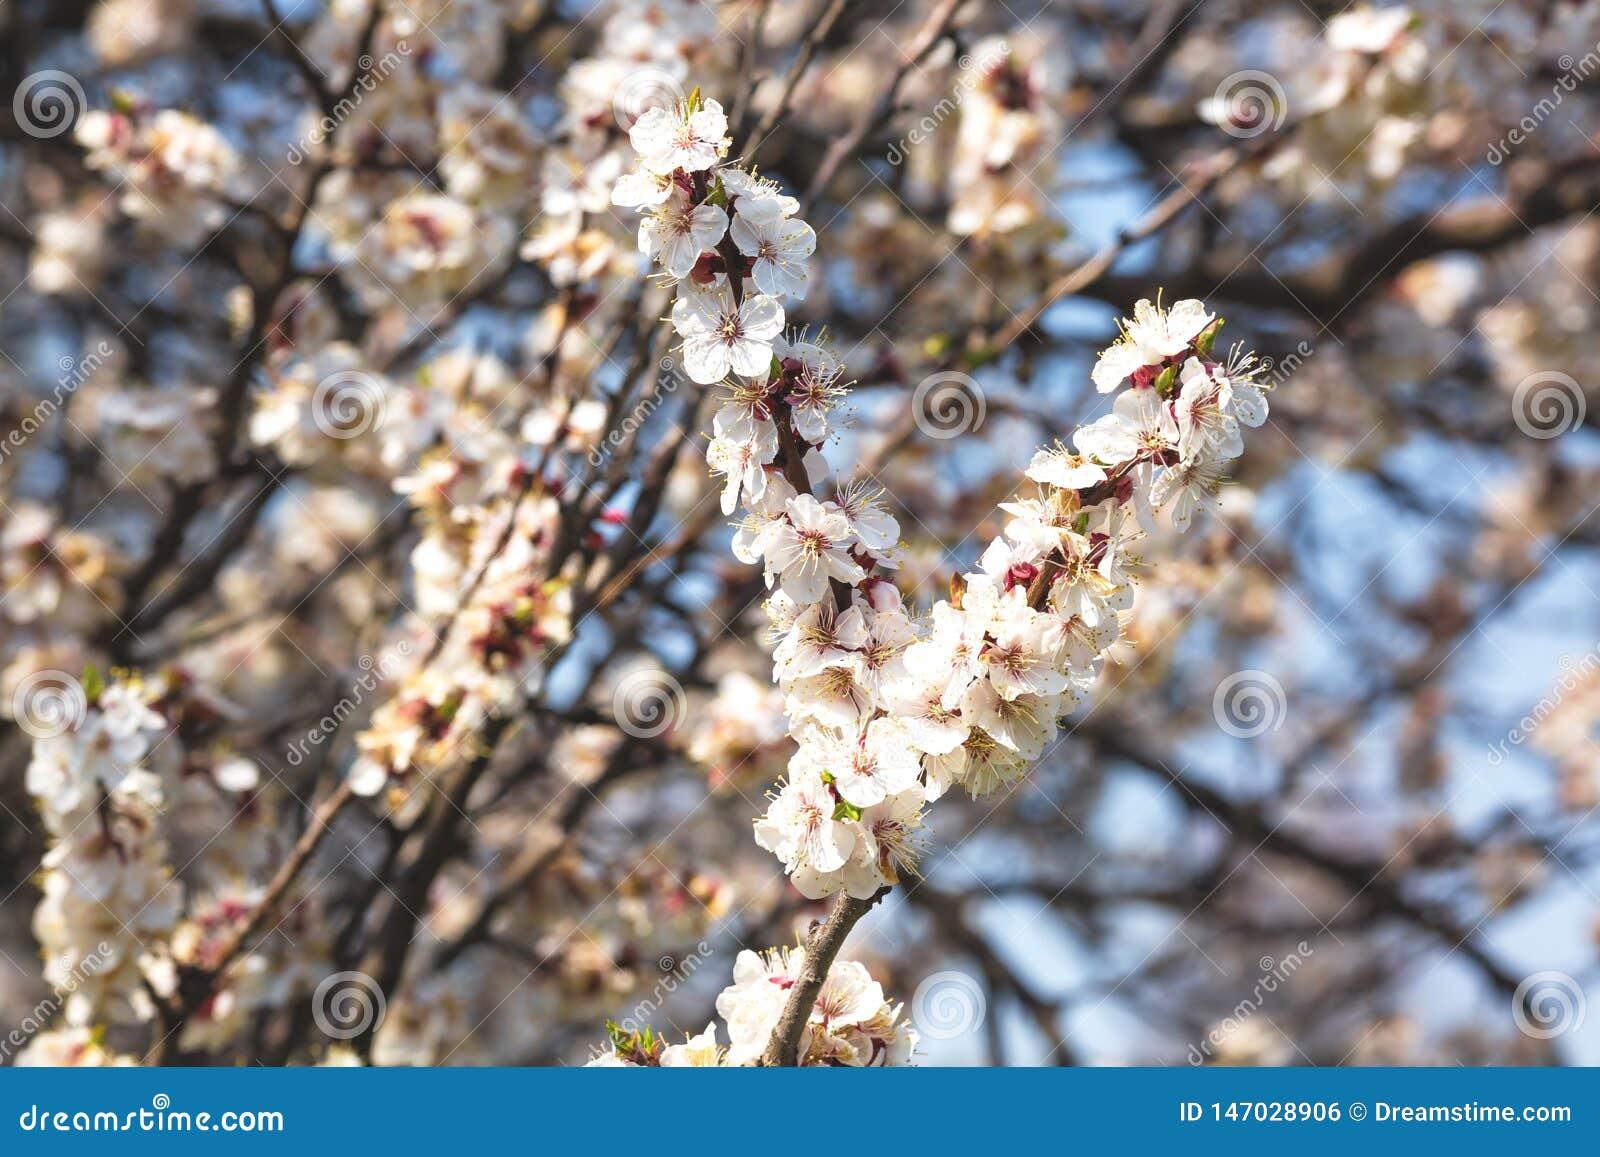 Ramas de florecimiento de los ?rboles frutales contra el cielo azul